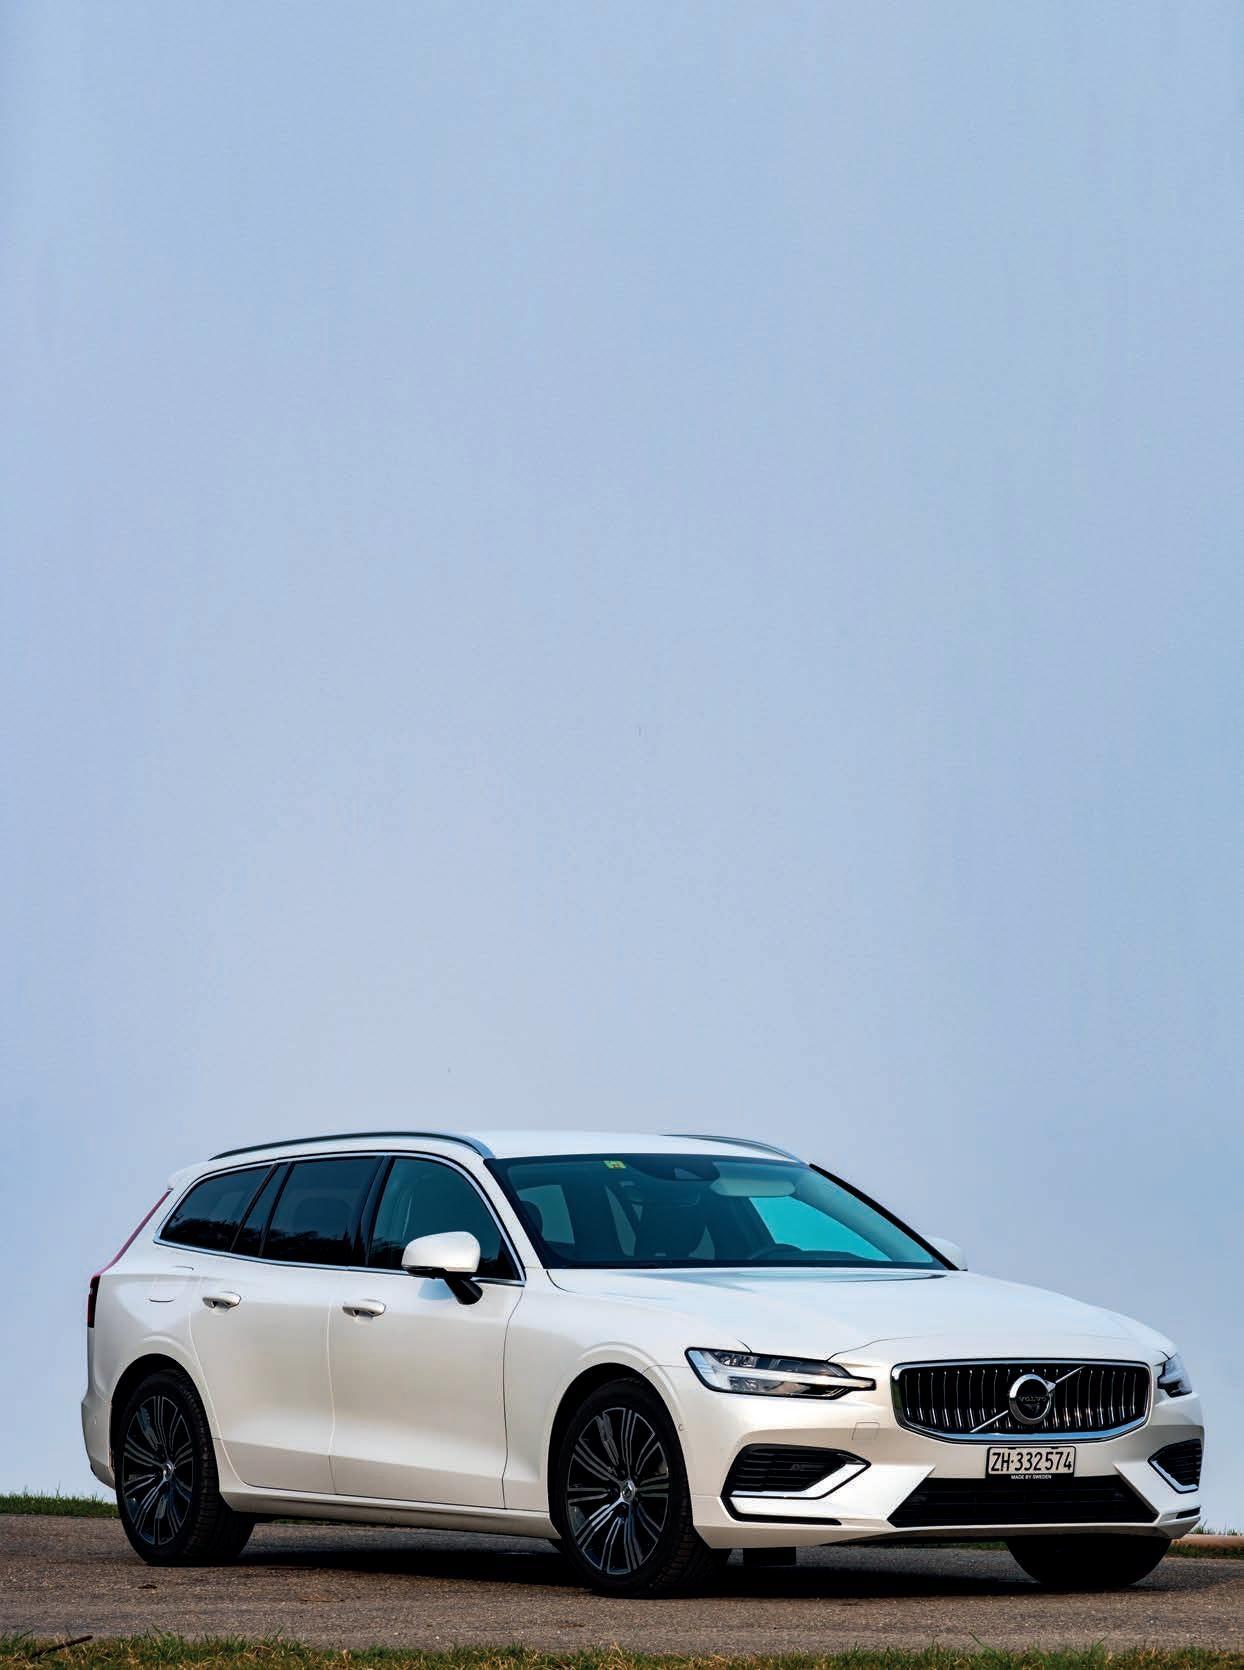 Page 50 of Rapporto di guida Volvo V60 T6 eAWD Recharge: Il genio del risparmio dell'estremo Nord